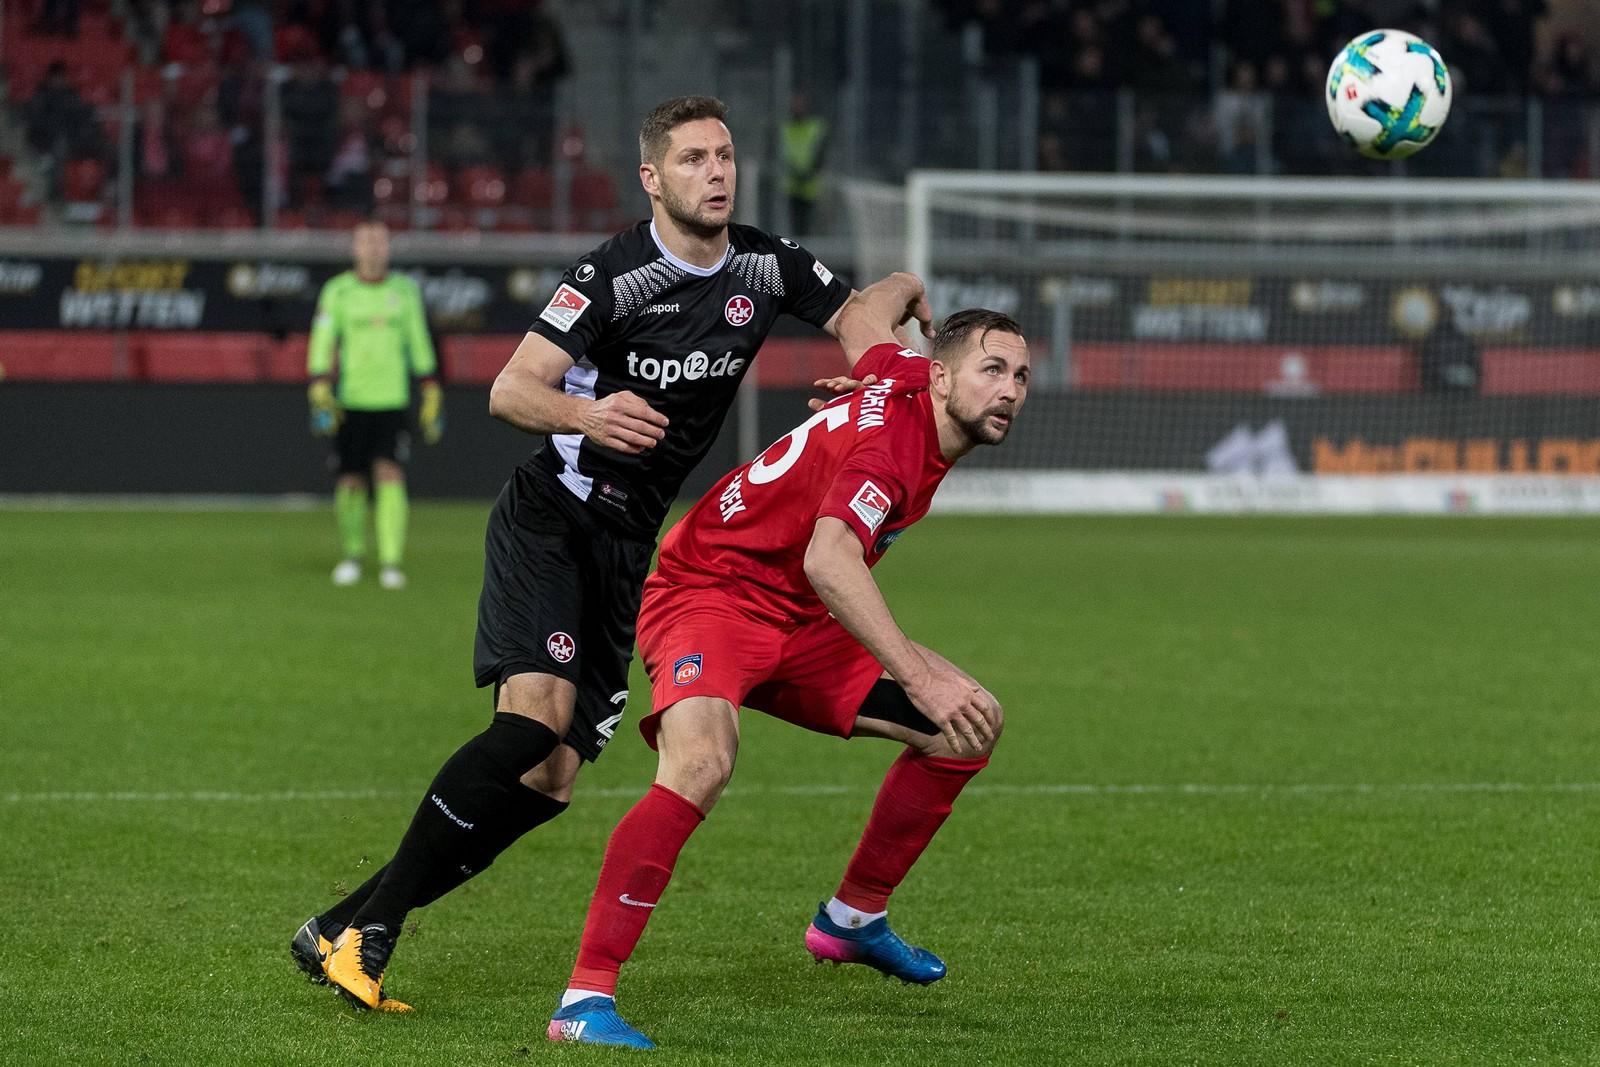 Stipe Vucur vom 1. FC Kaiserslautern gegen John Verhoek vom FC Heidenheim